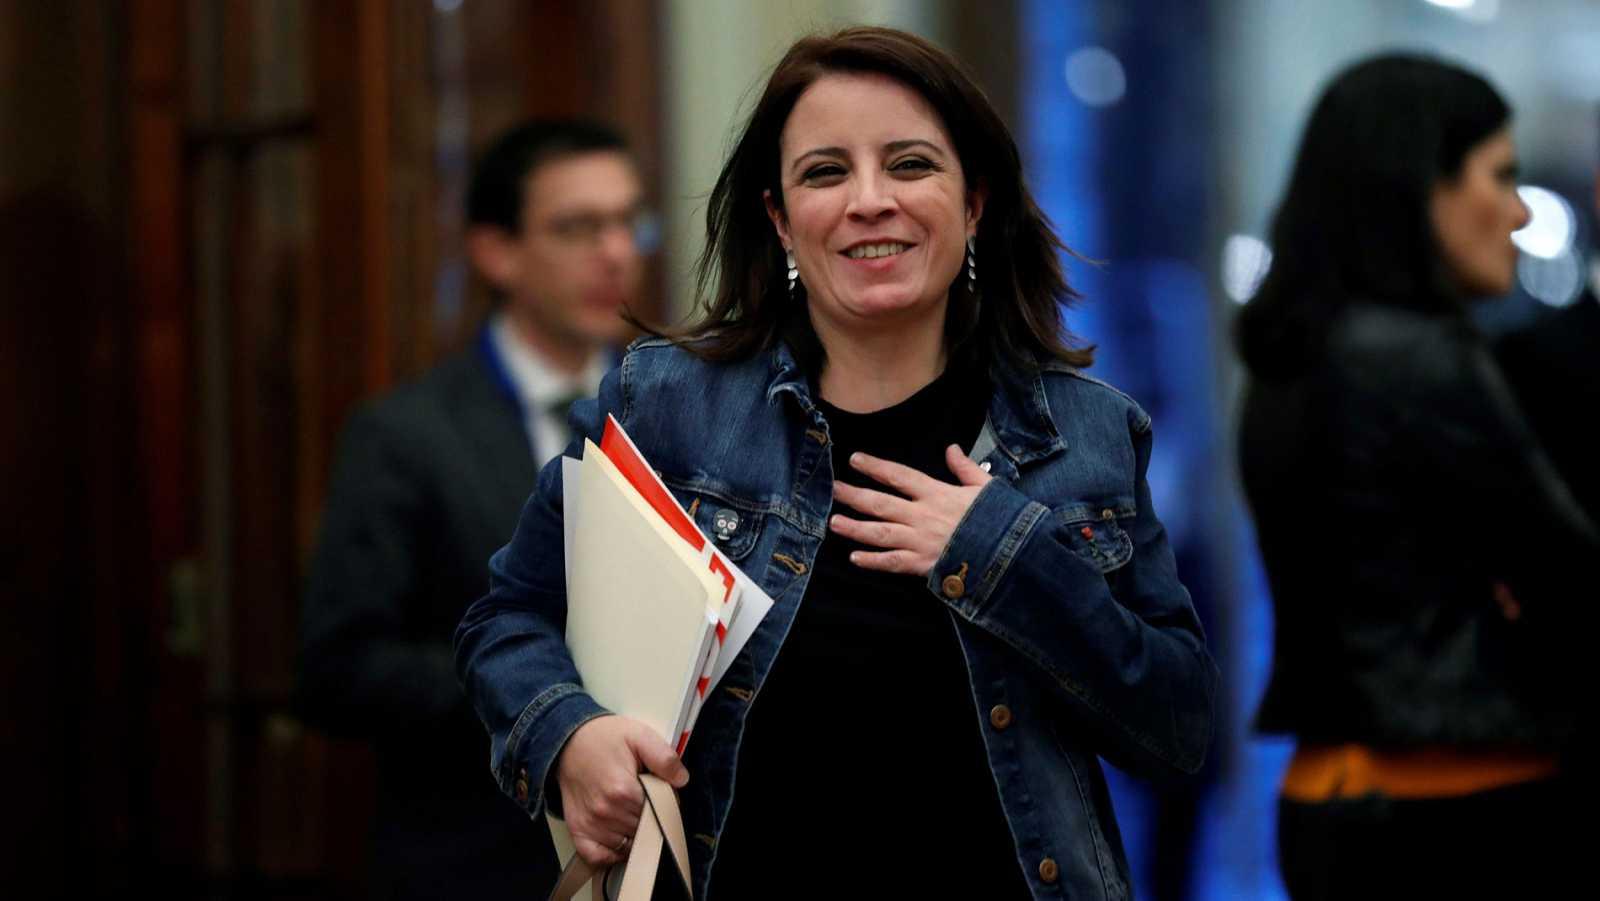 El PSOE veta a Vox y se reparte con PP y Unidas Podemos las presidencias de las comisiones parlamentarias